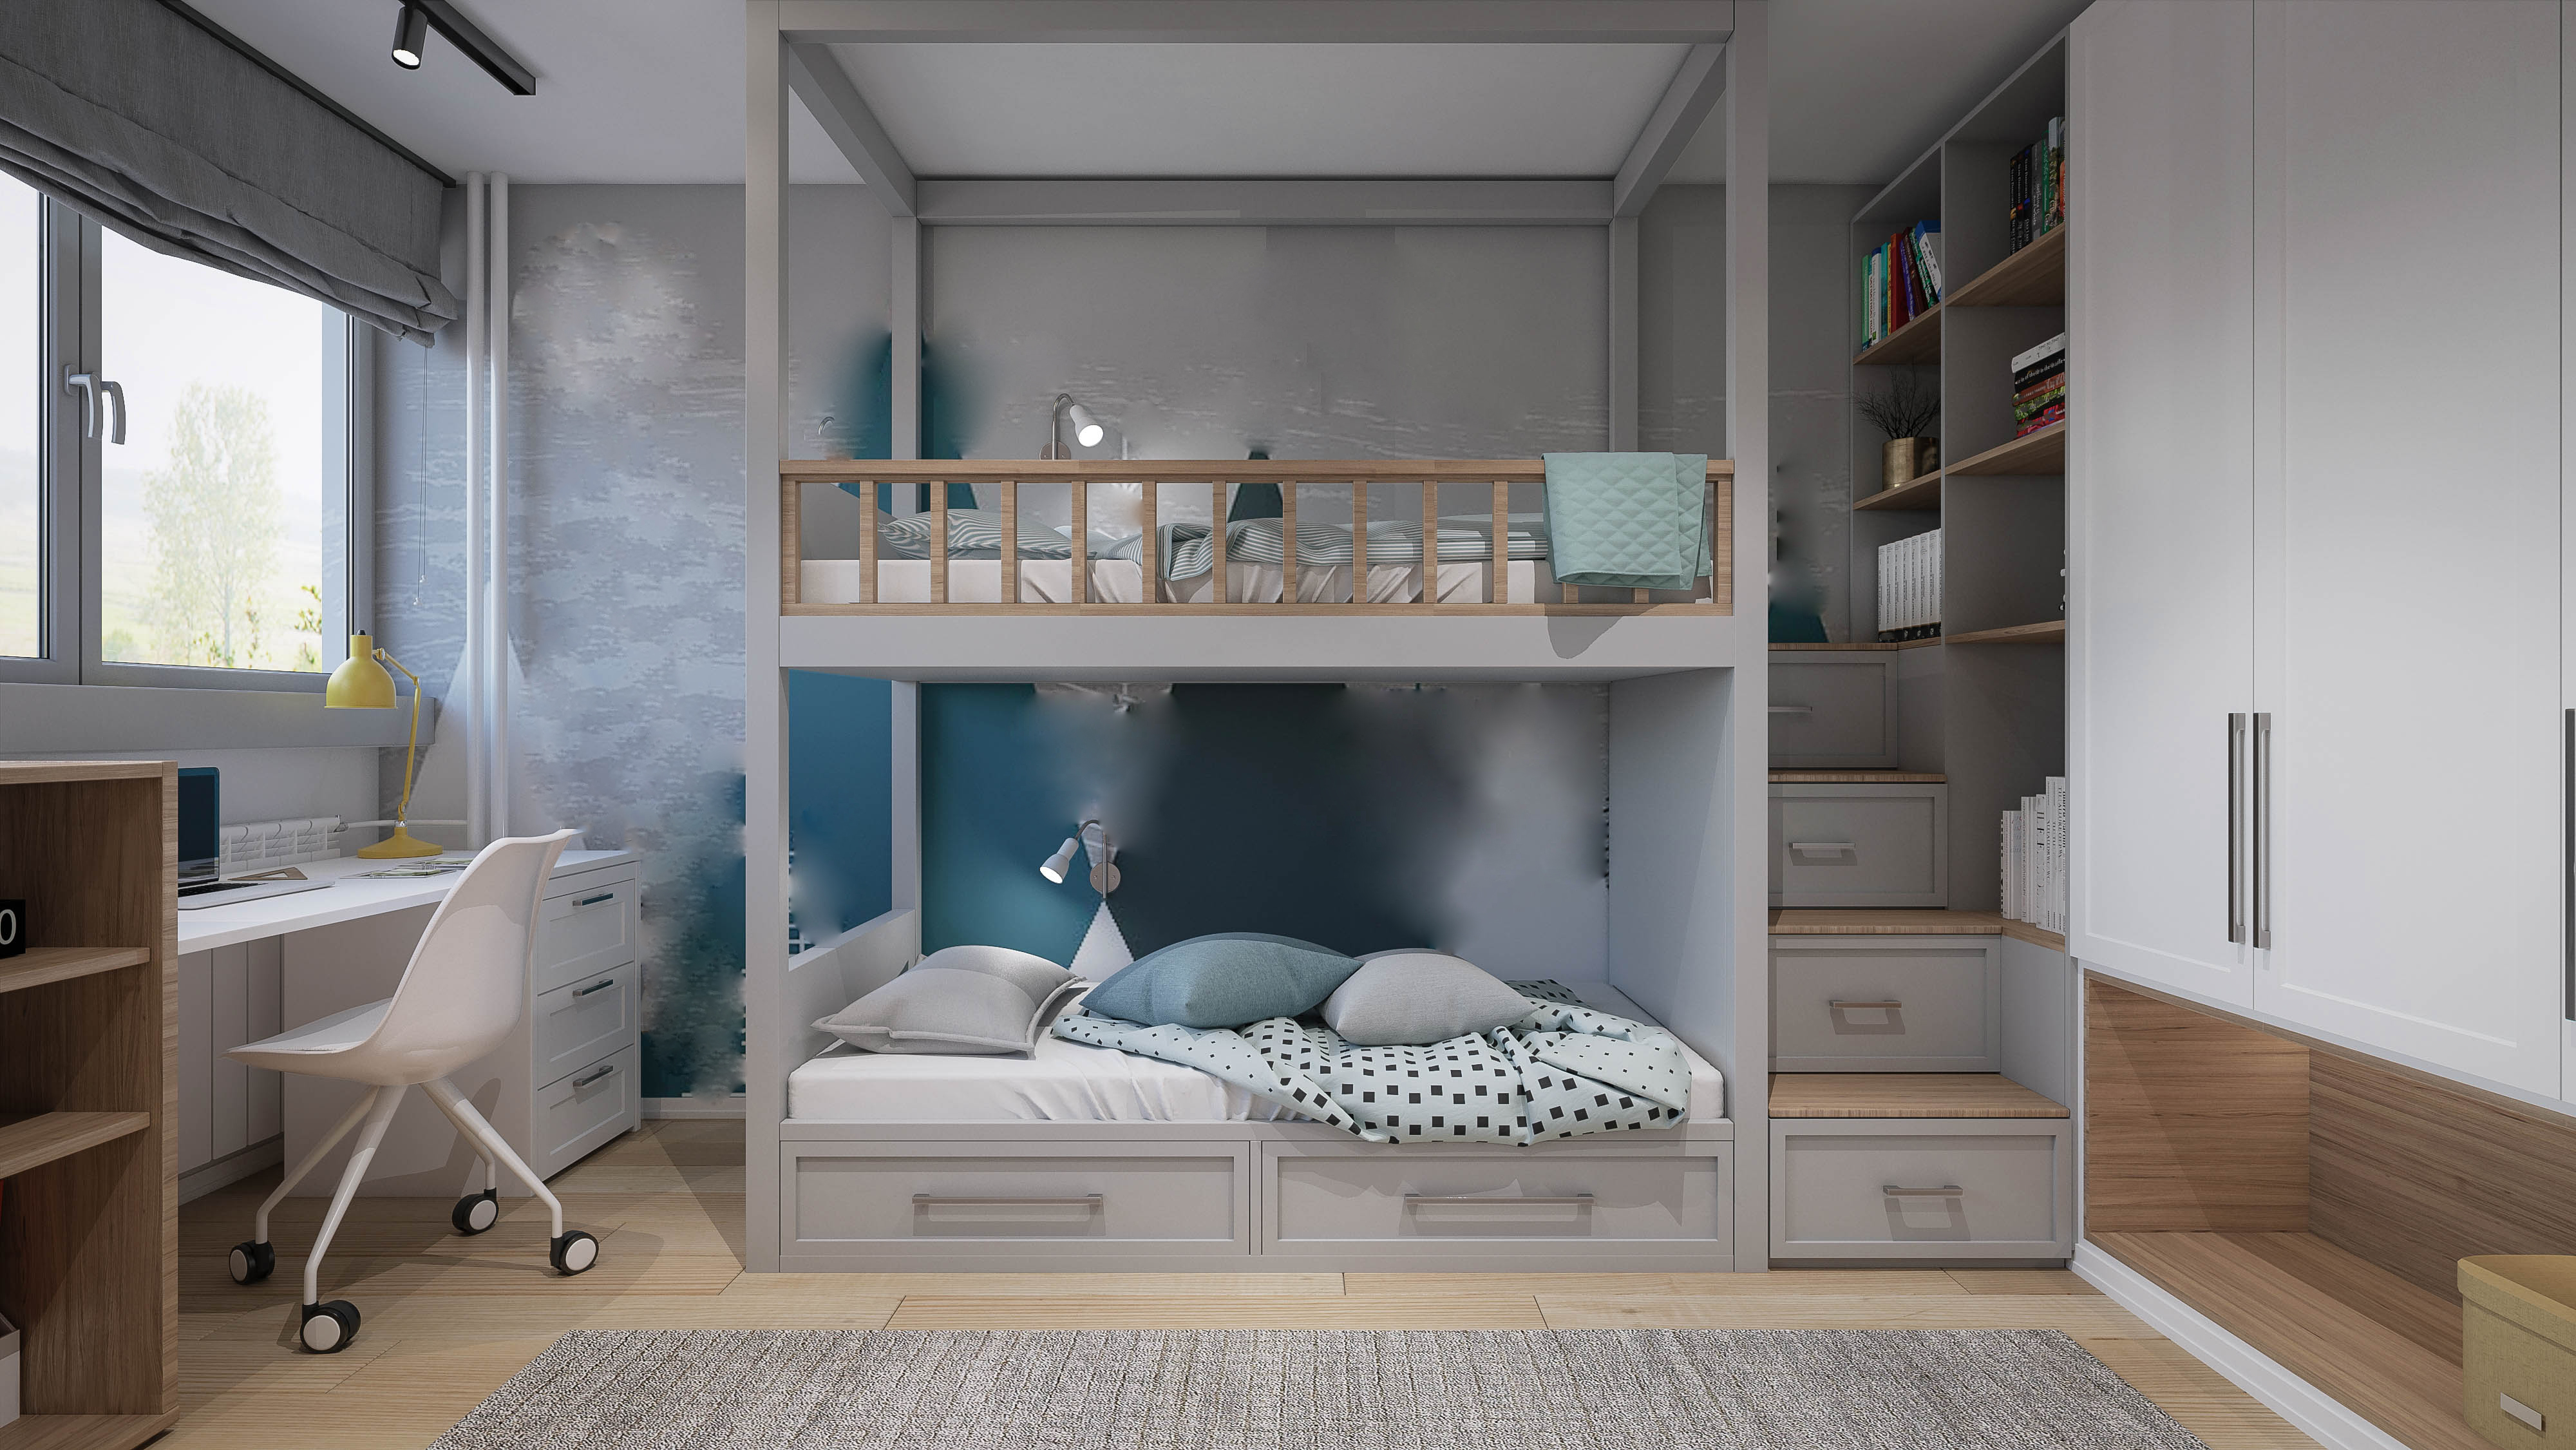 Ist der Wohnraum knapp, braucht man frische Ideen. Mit einem Hochbett können Sie Platz und Stauraum schaffen.